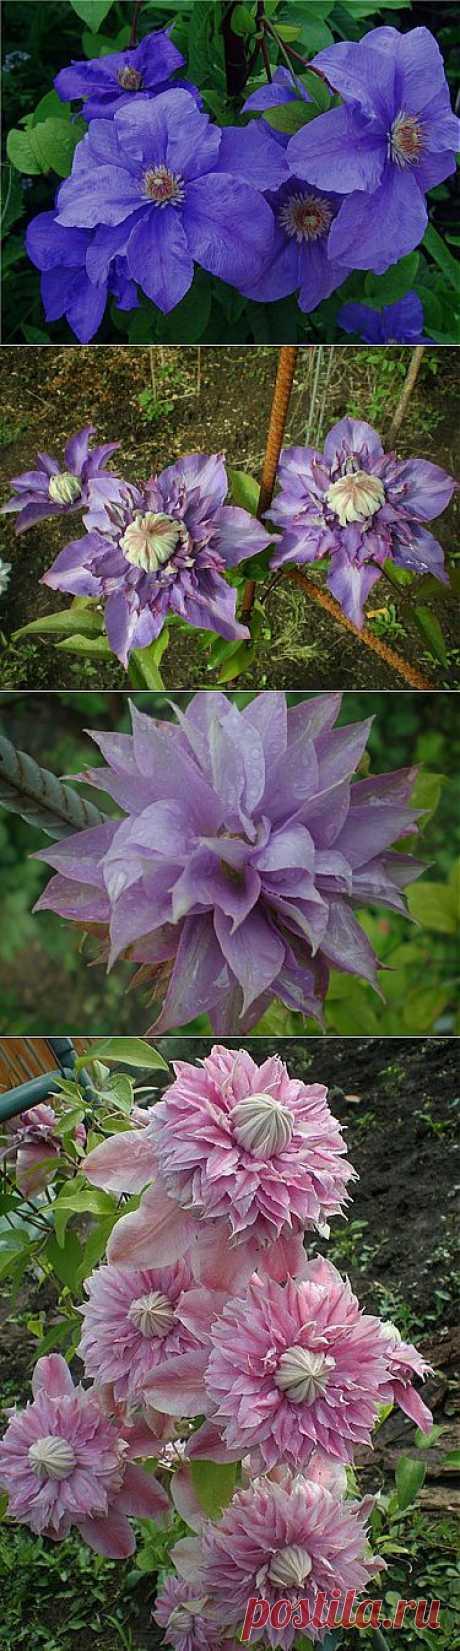 Клематис. (Clematis) Выращивание и уход - Цветочный форум